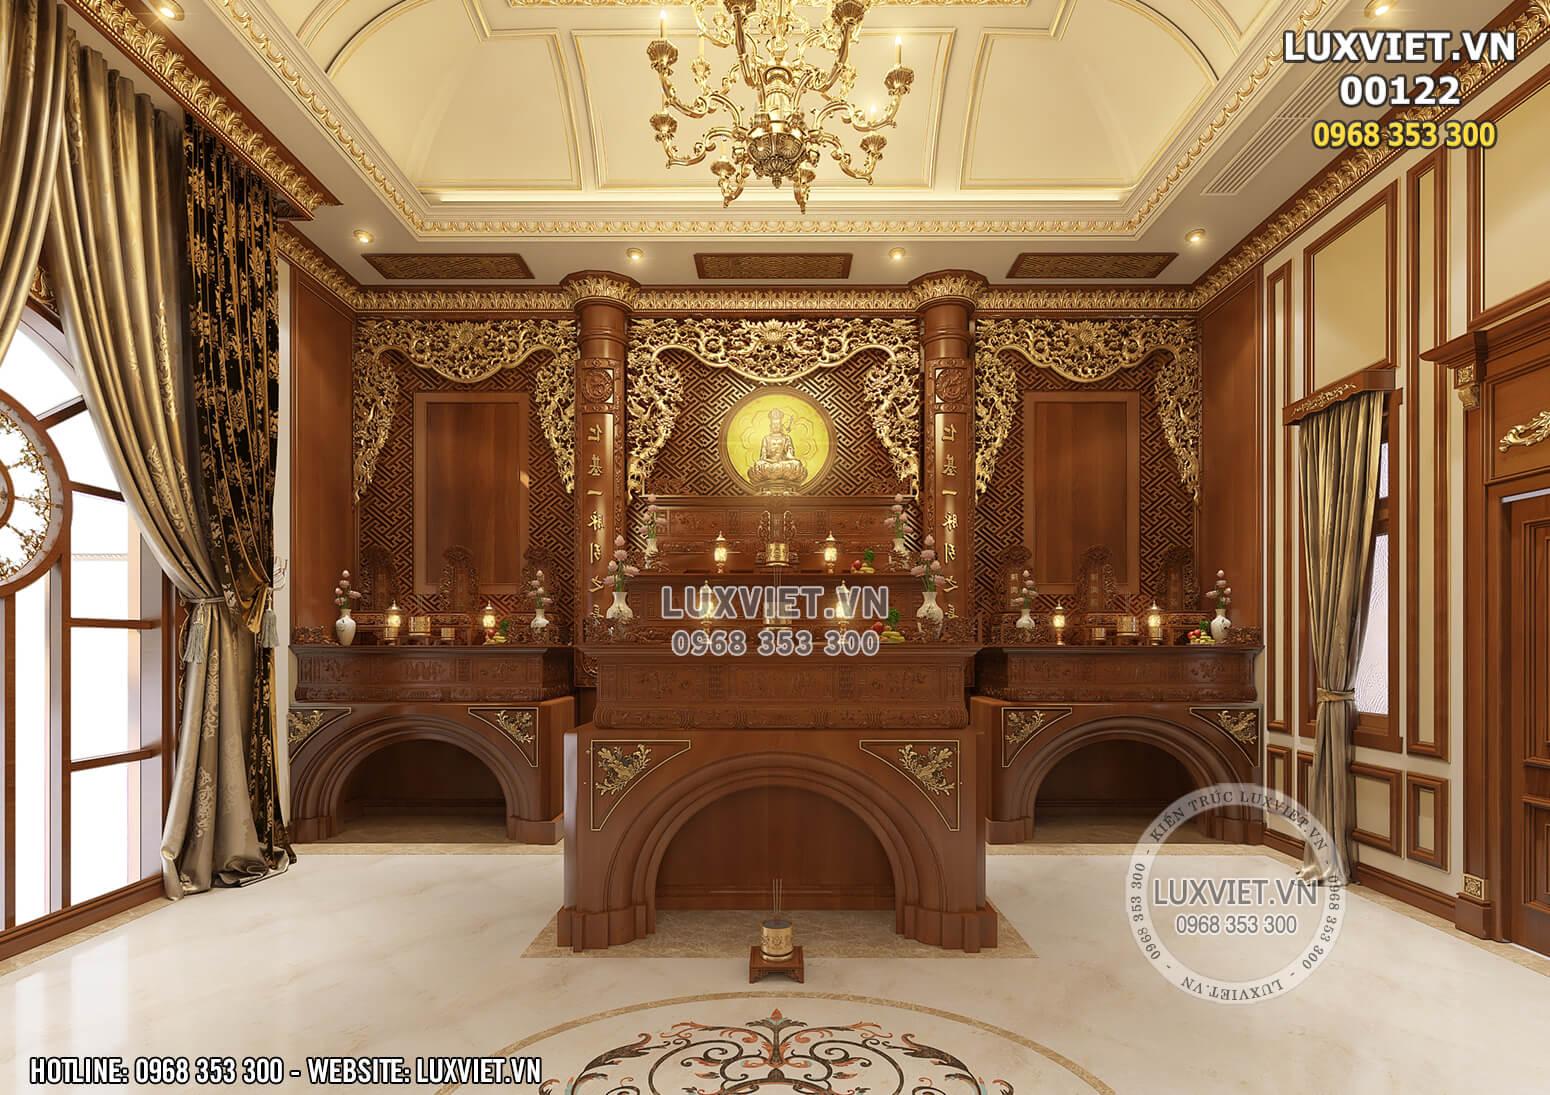 Hình ảnh: Phòng thờ trang nghiêm và linh thiêng interior design - LV 00122